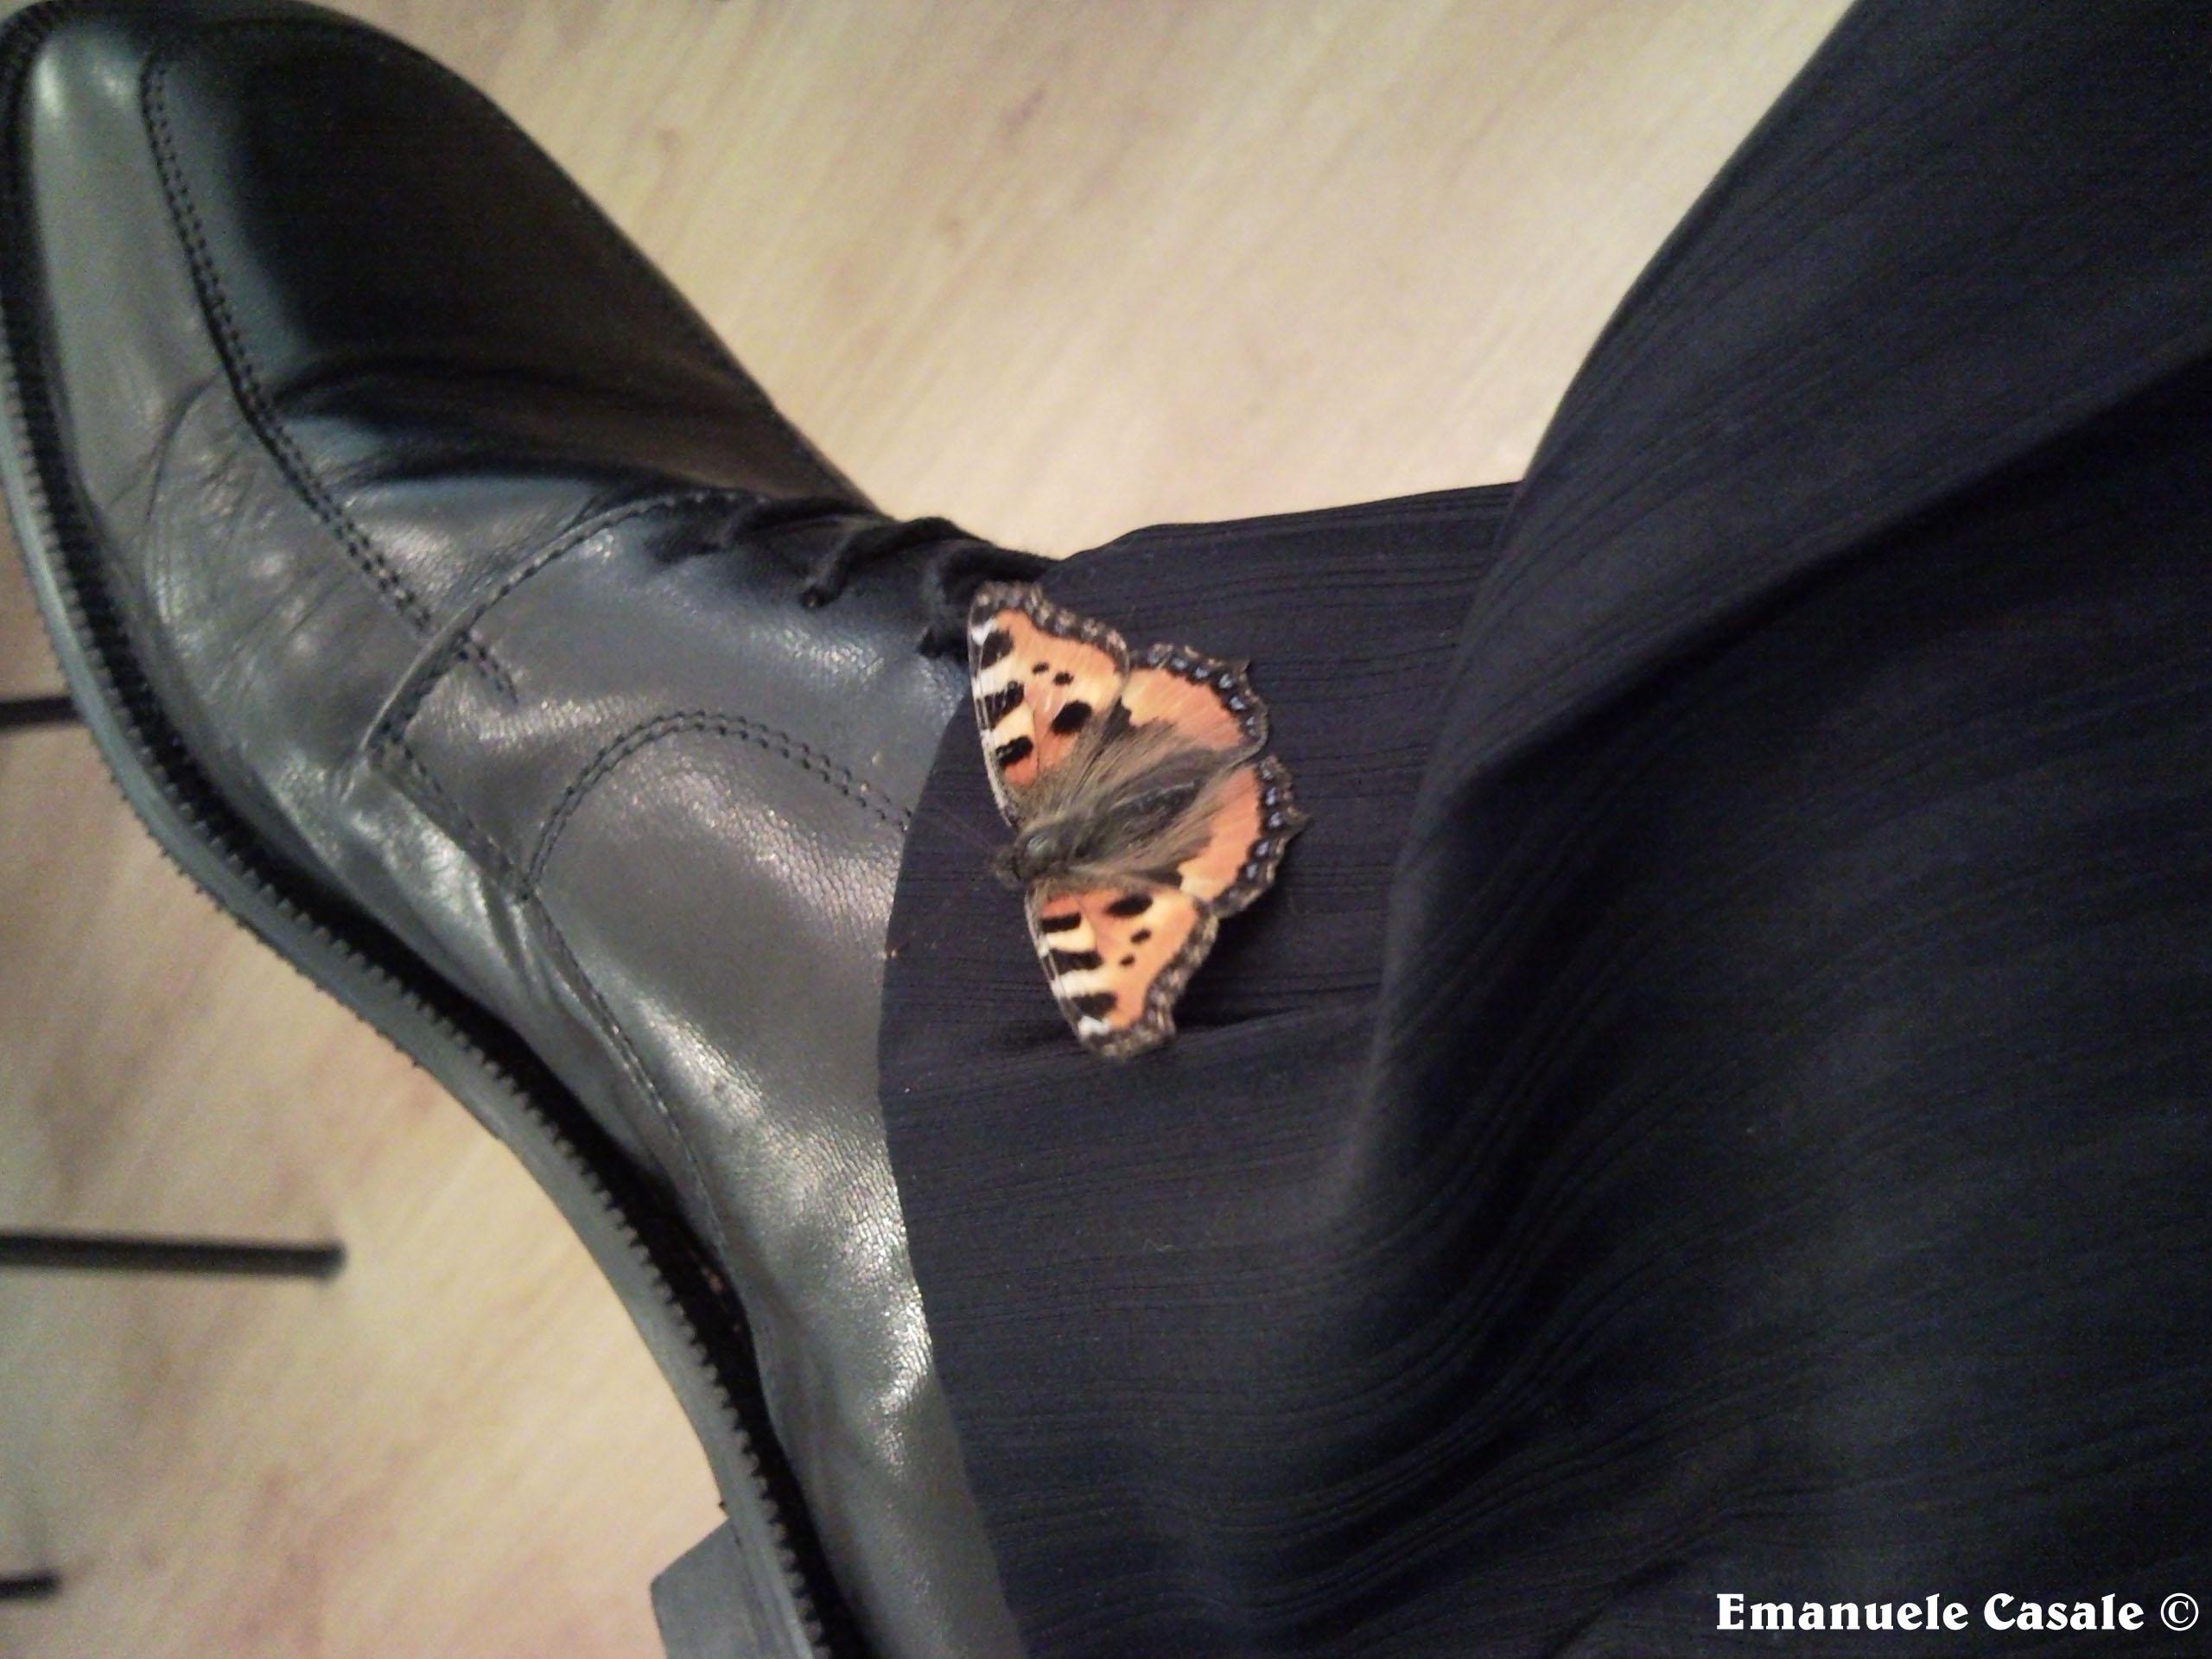 La farfalla, simbolo dell'Anima